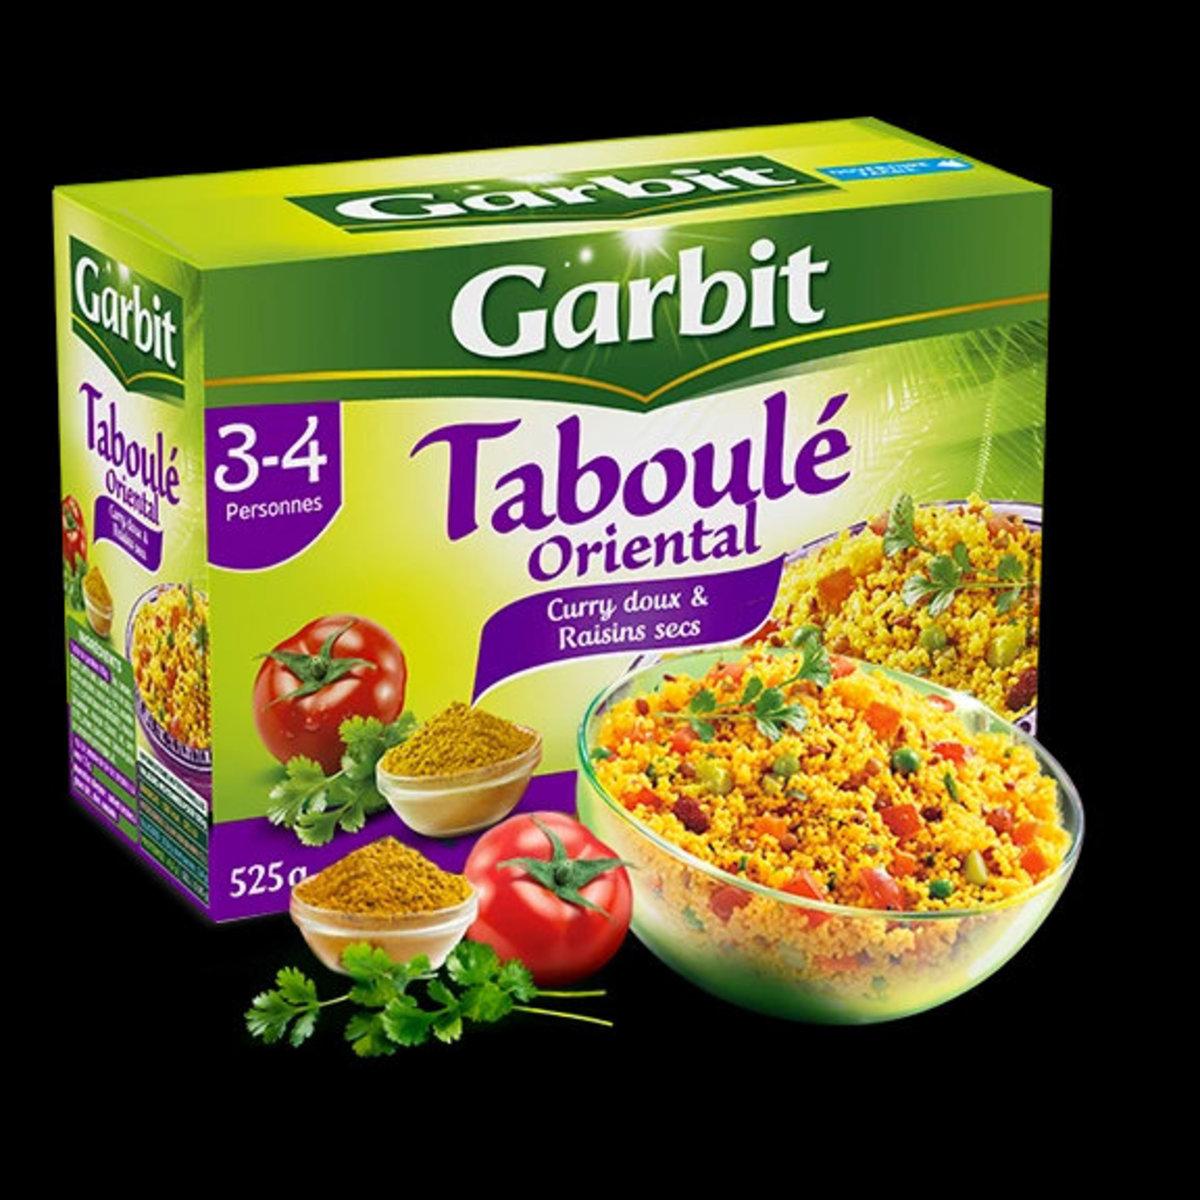 法國直送 - GARBIT - 即食甜咖哩提子古斯米 - 525g